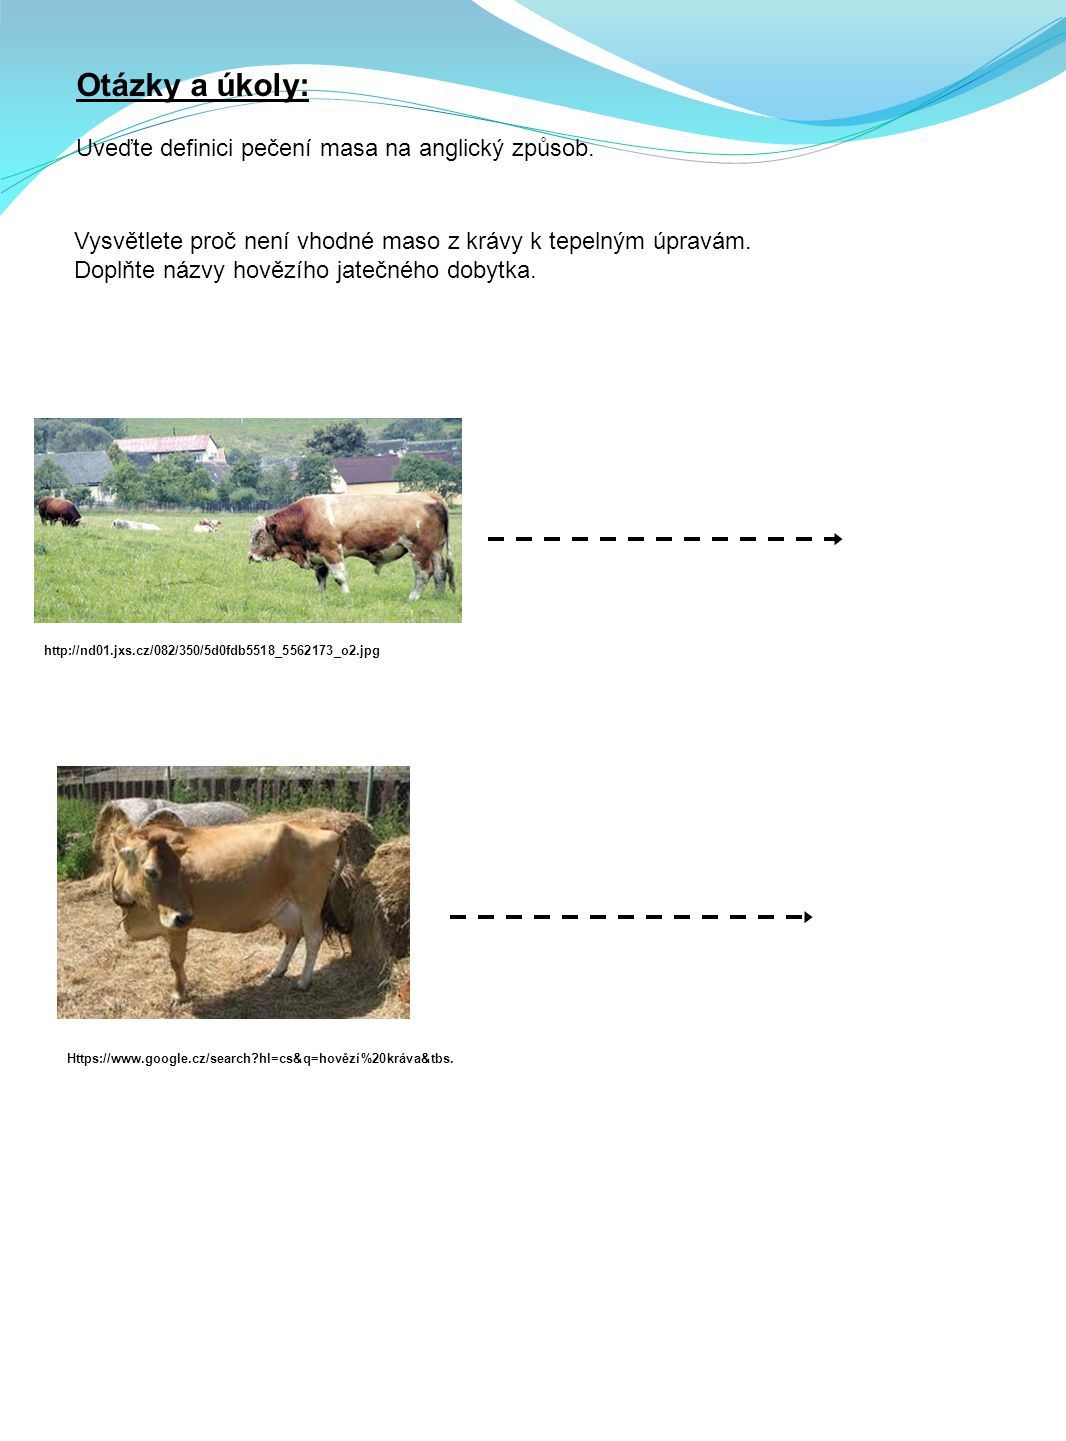 Vysvětlete proč není vhodné maso z krávy k tepelným úpravám.